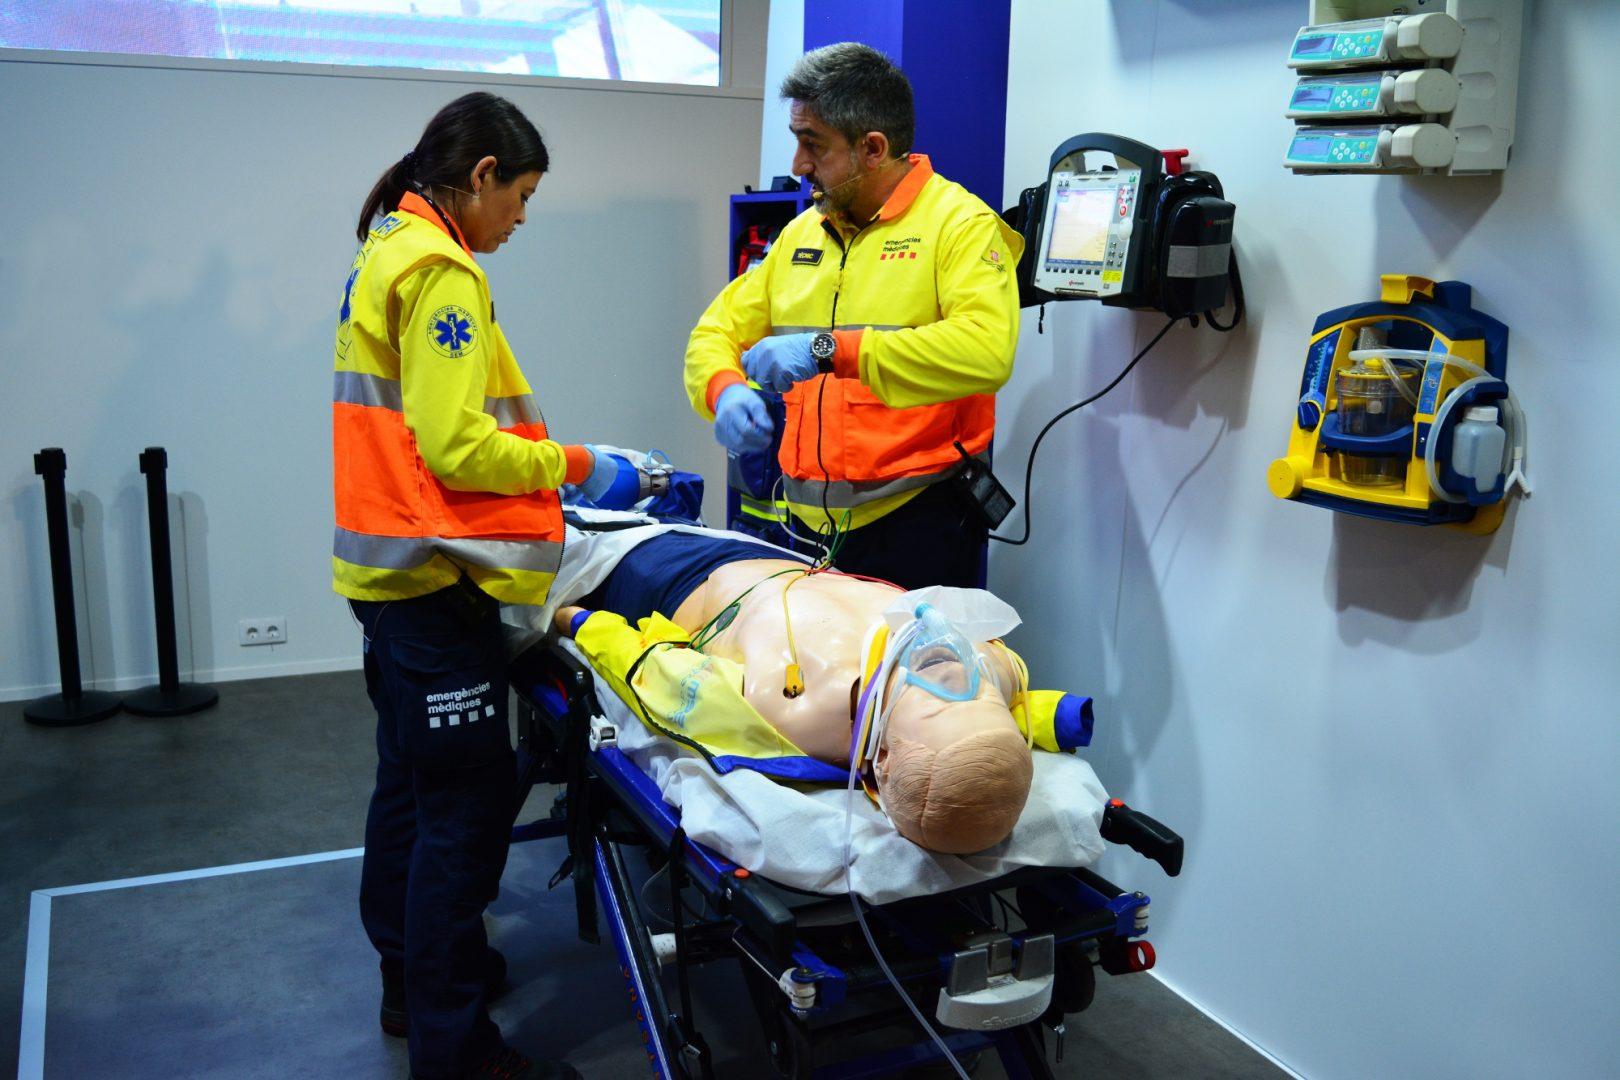 умни линейки Големите ползи от 5G идват скоро в линейките (видео) А1 Блог